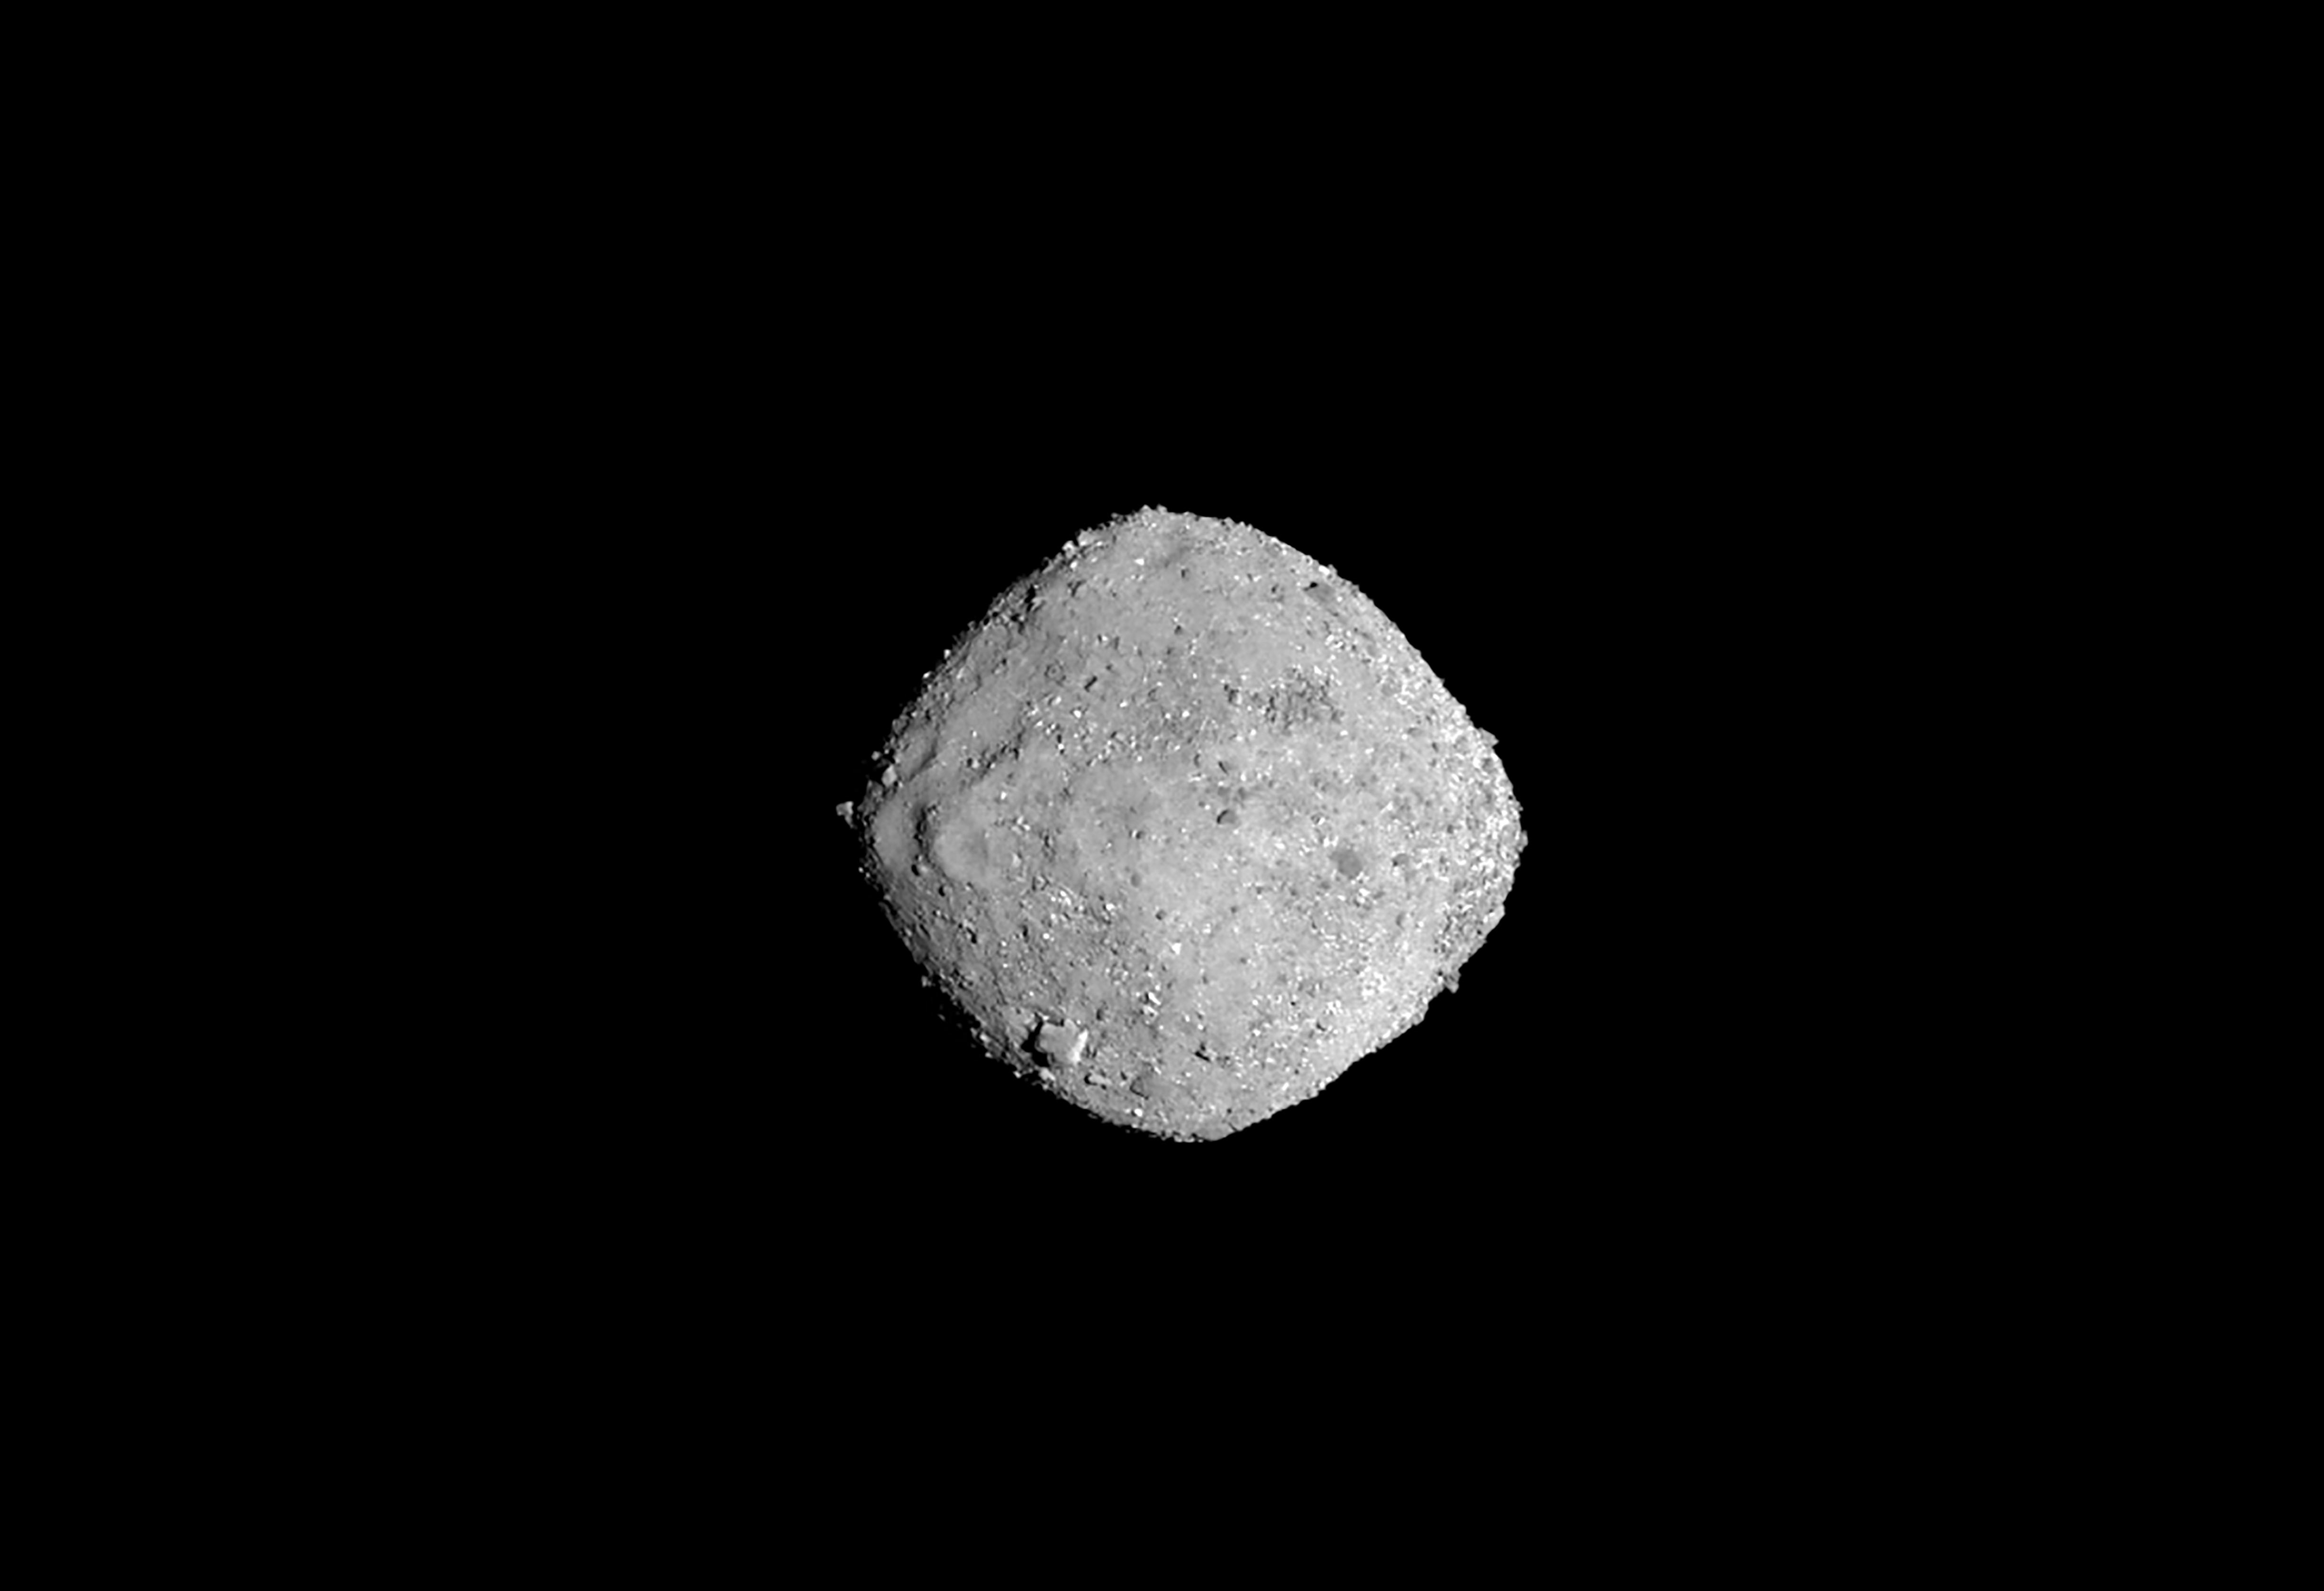 Részecske-kilökődést észlelt a Bennu kisbolygón az OSIRIS-REx űrszonda